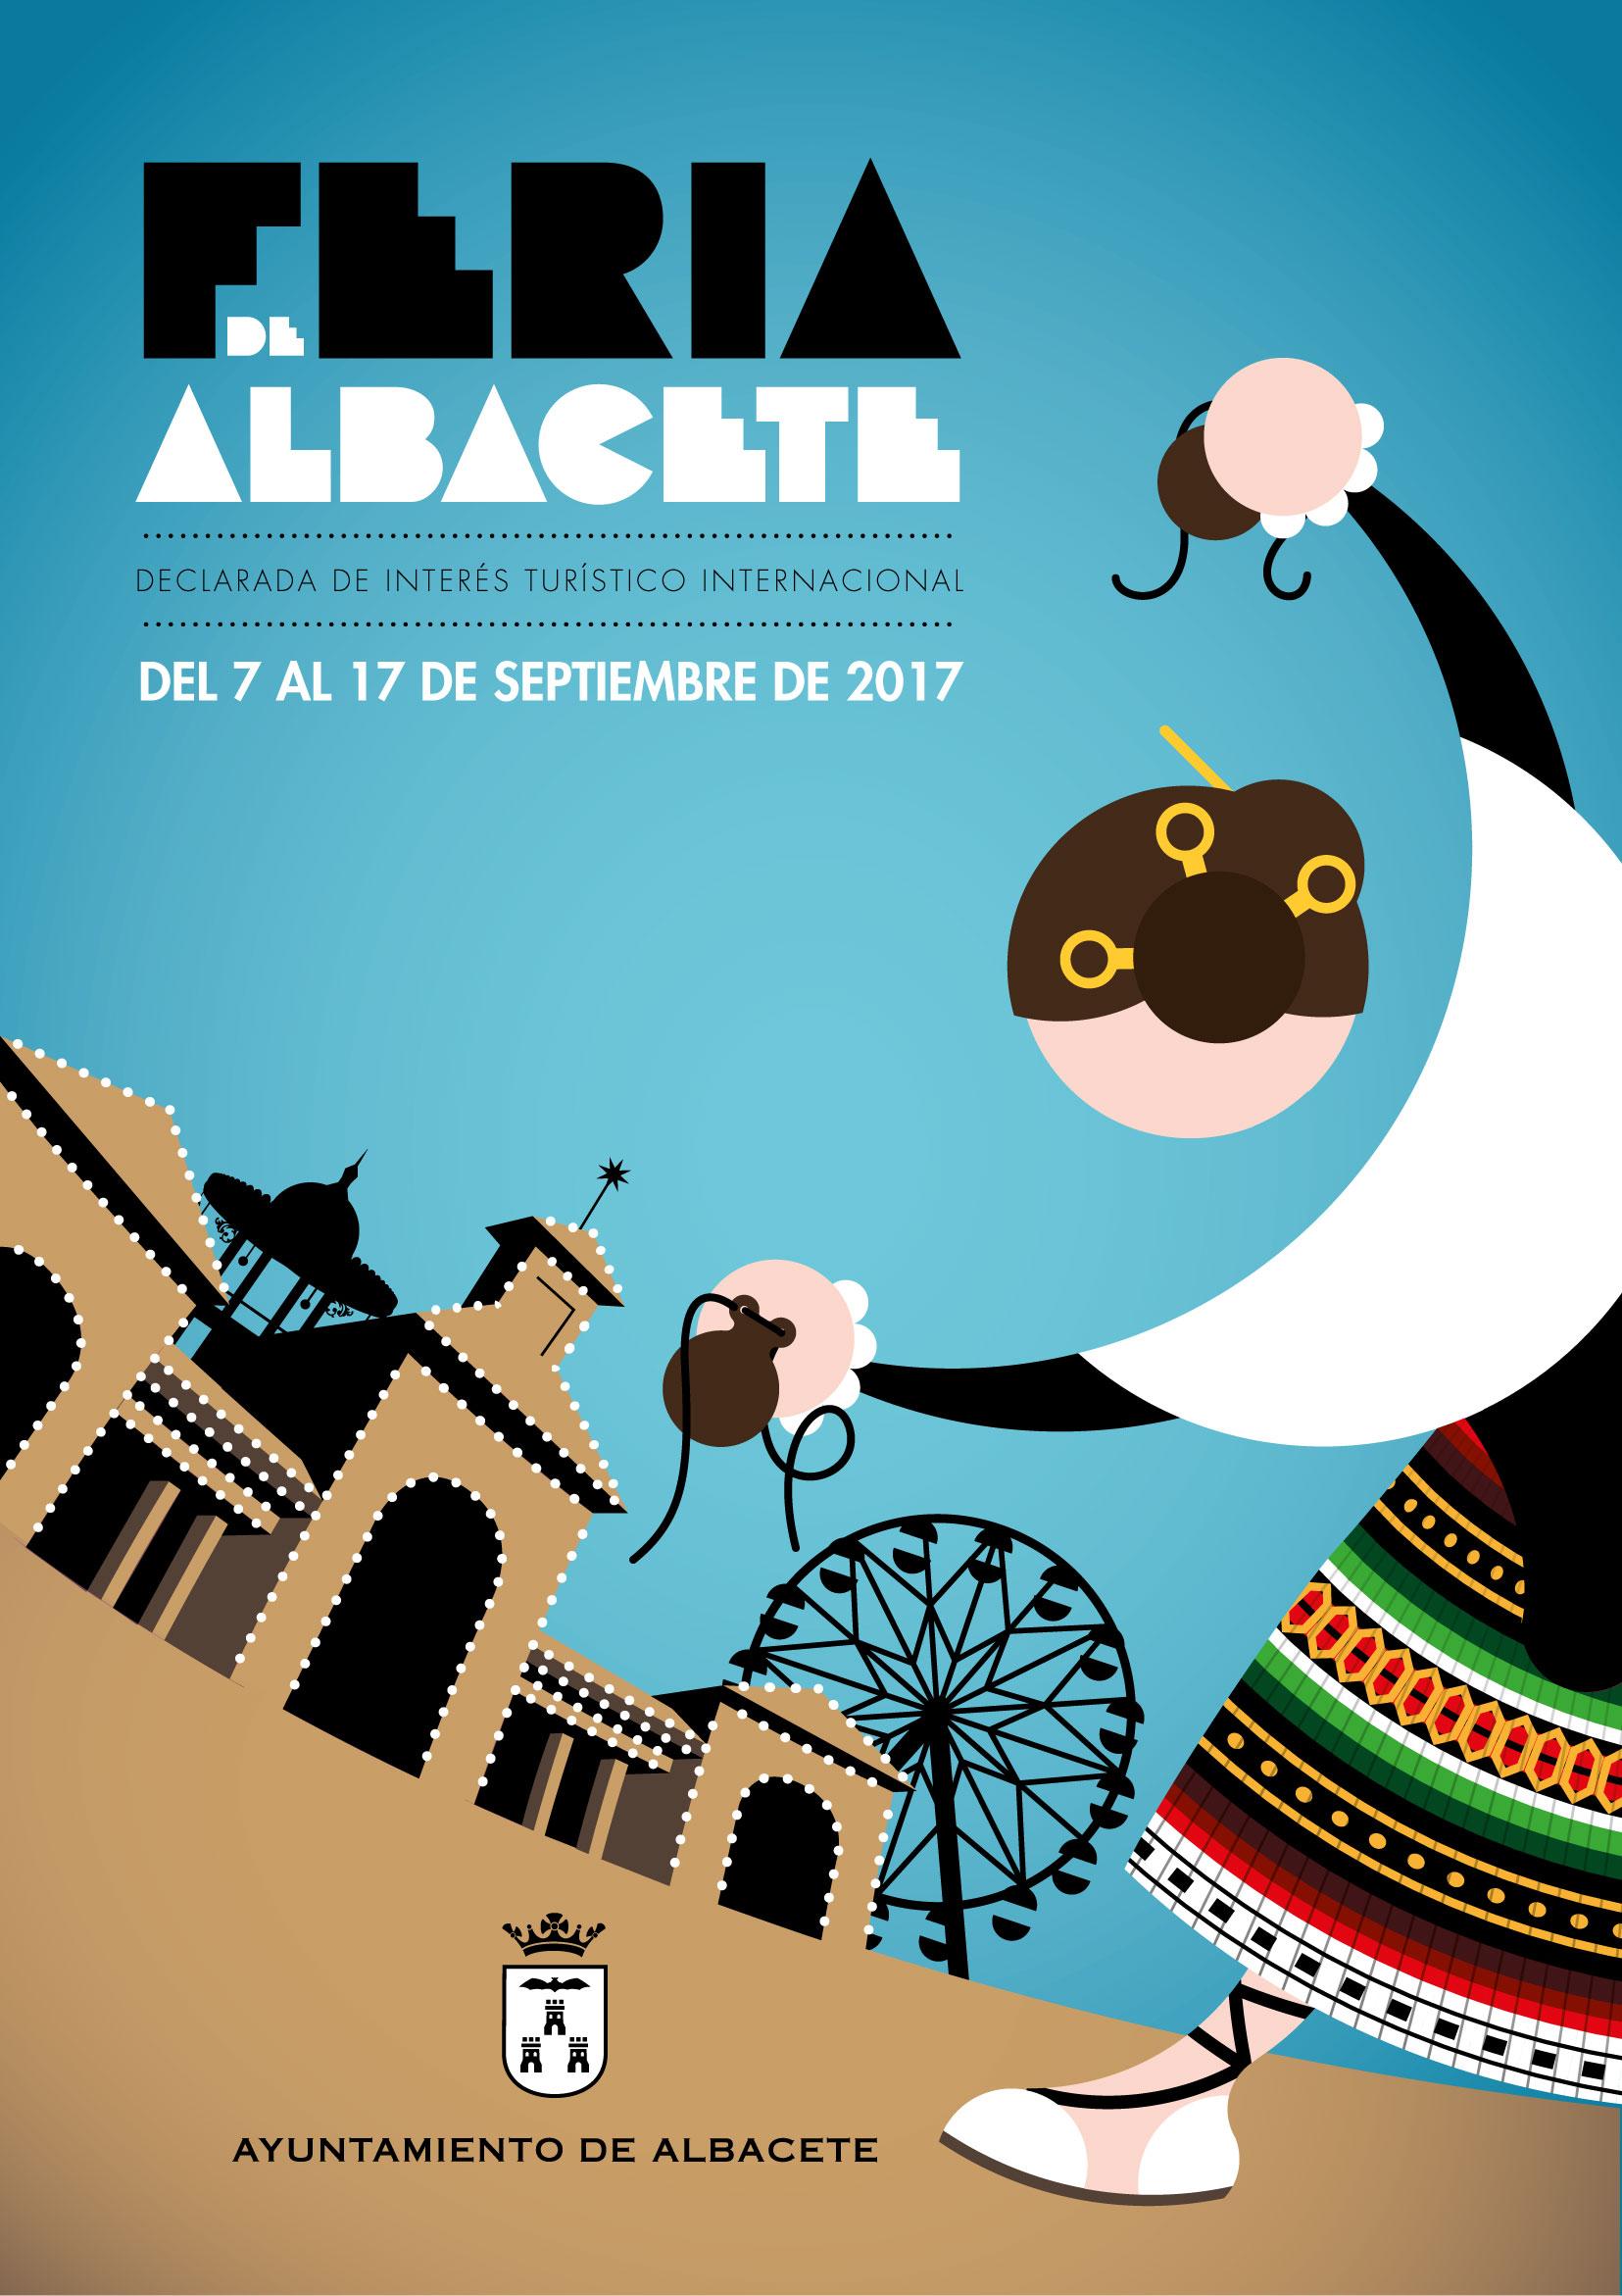 Feria 2017